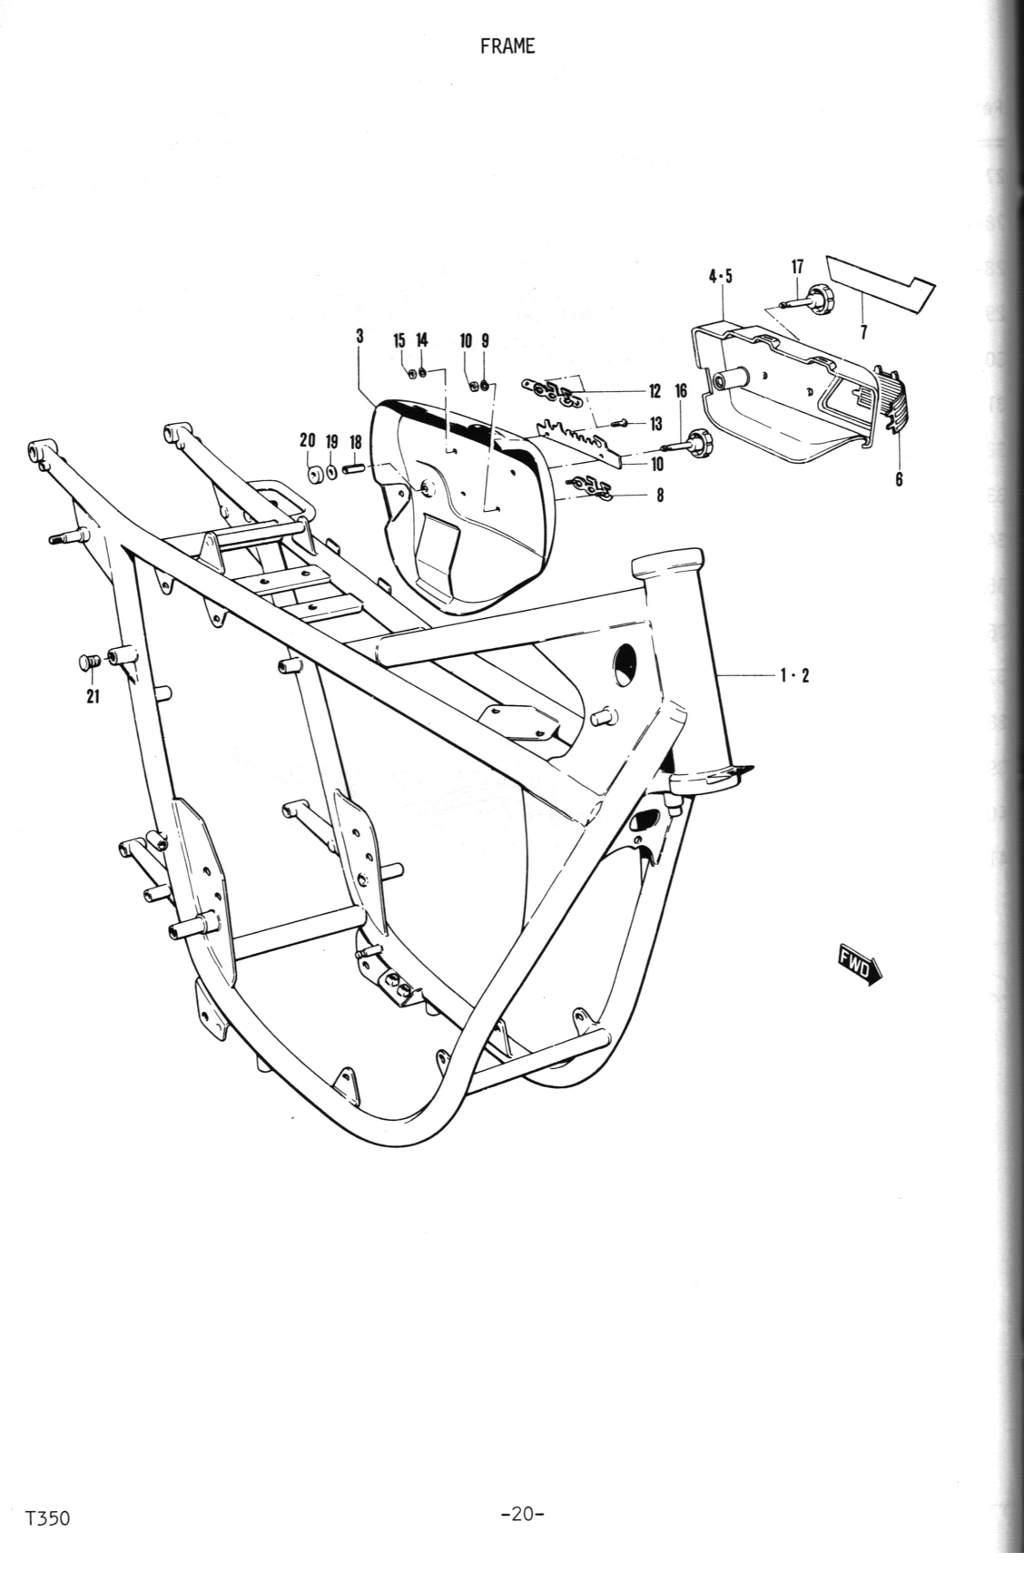 T350 Parts Manual